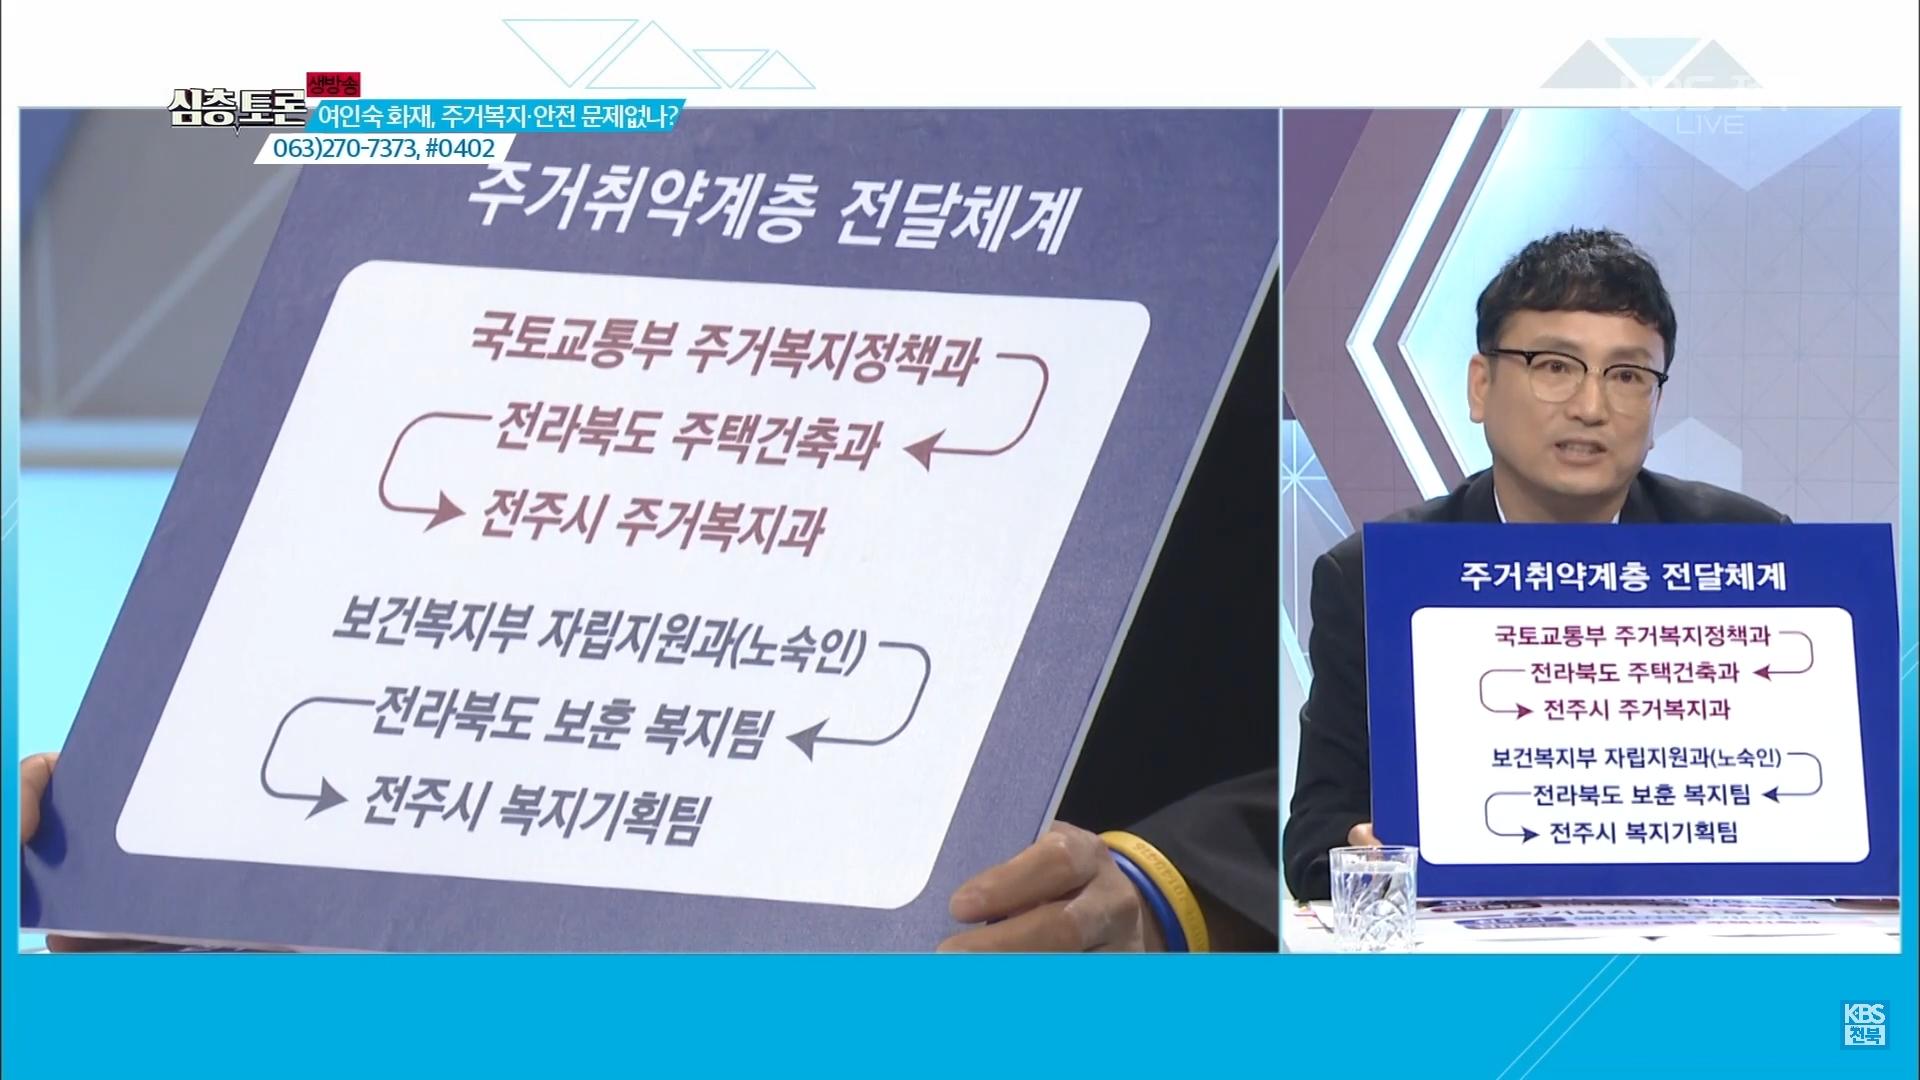 [19.9.4 KBS전주 생방송 심층토론] 전주 여인숙 화재, 주거복지·안전 문제없나4.jpg